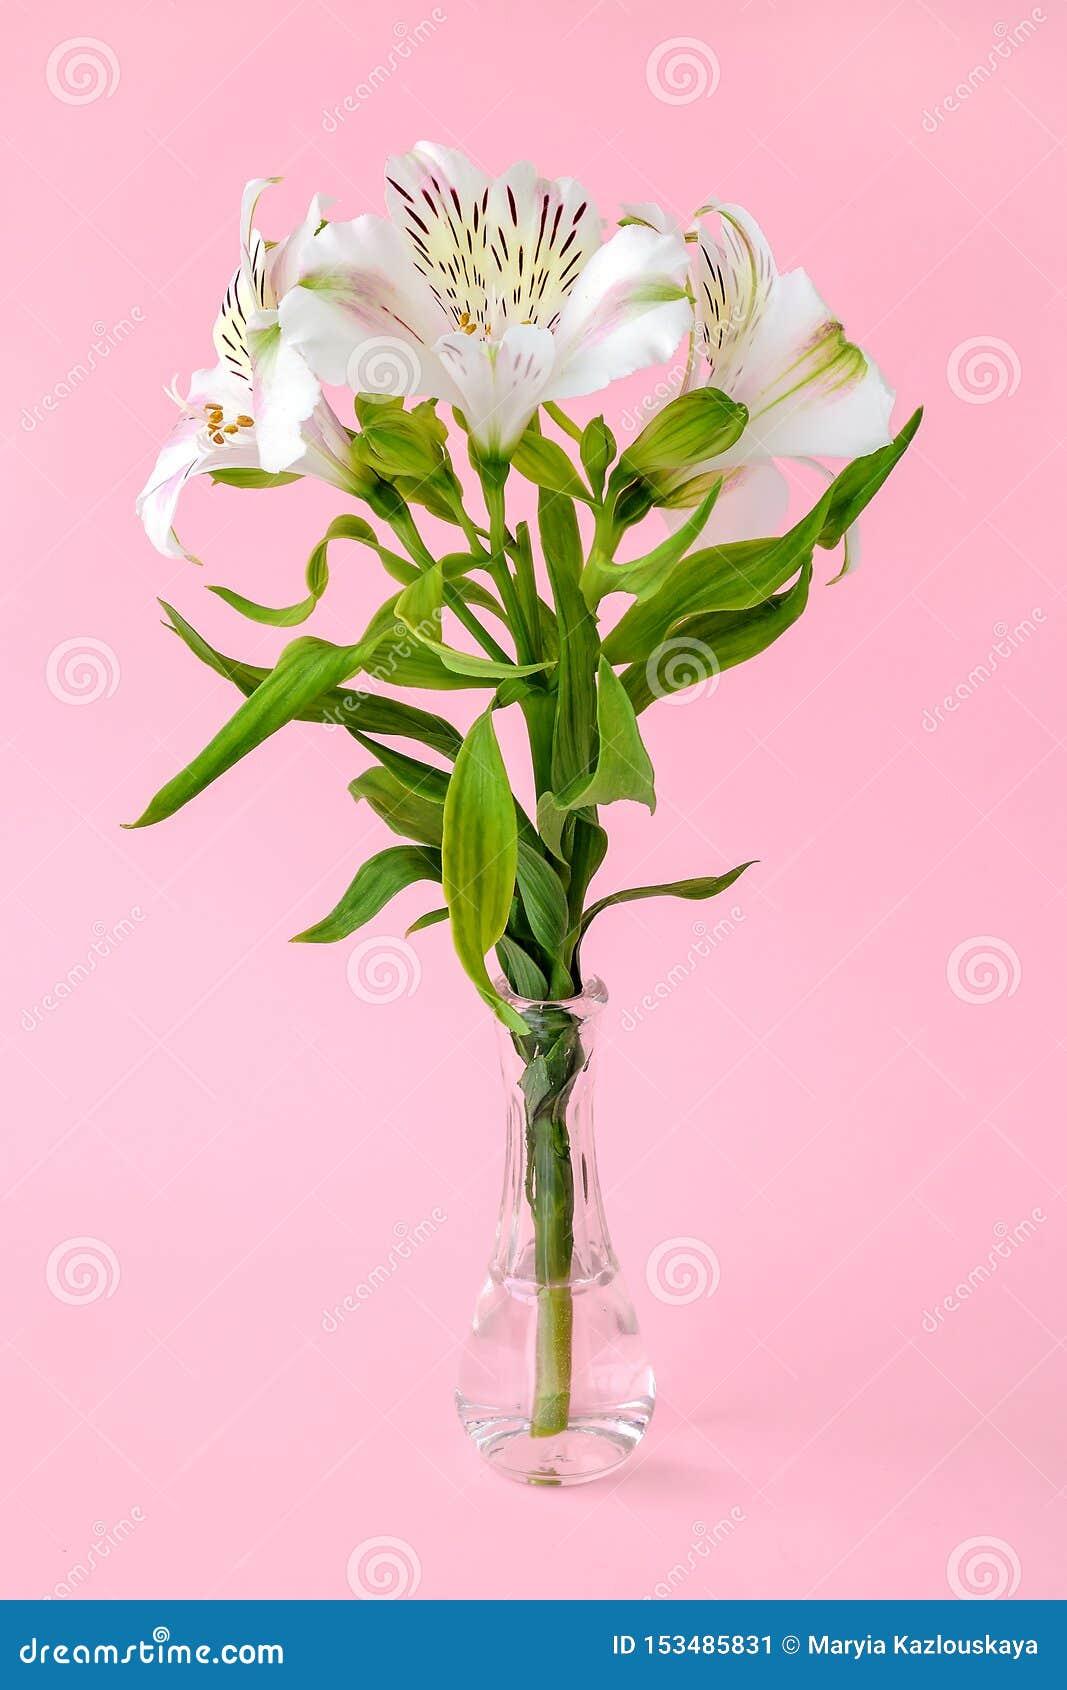 Las flores blancas del alstroemeria, llamaron comúnmente el lirio peruano o el lirio de los incas en un pequeño florero de crista